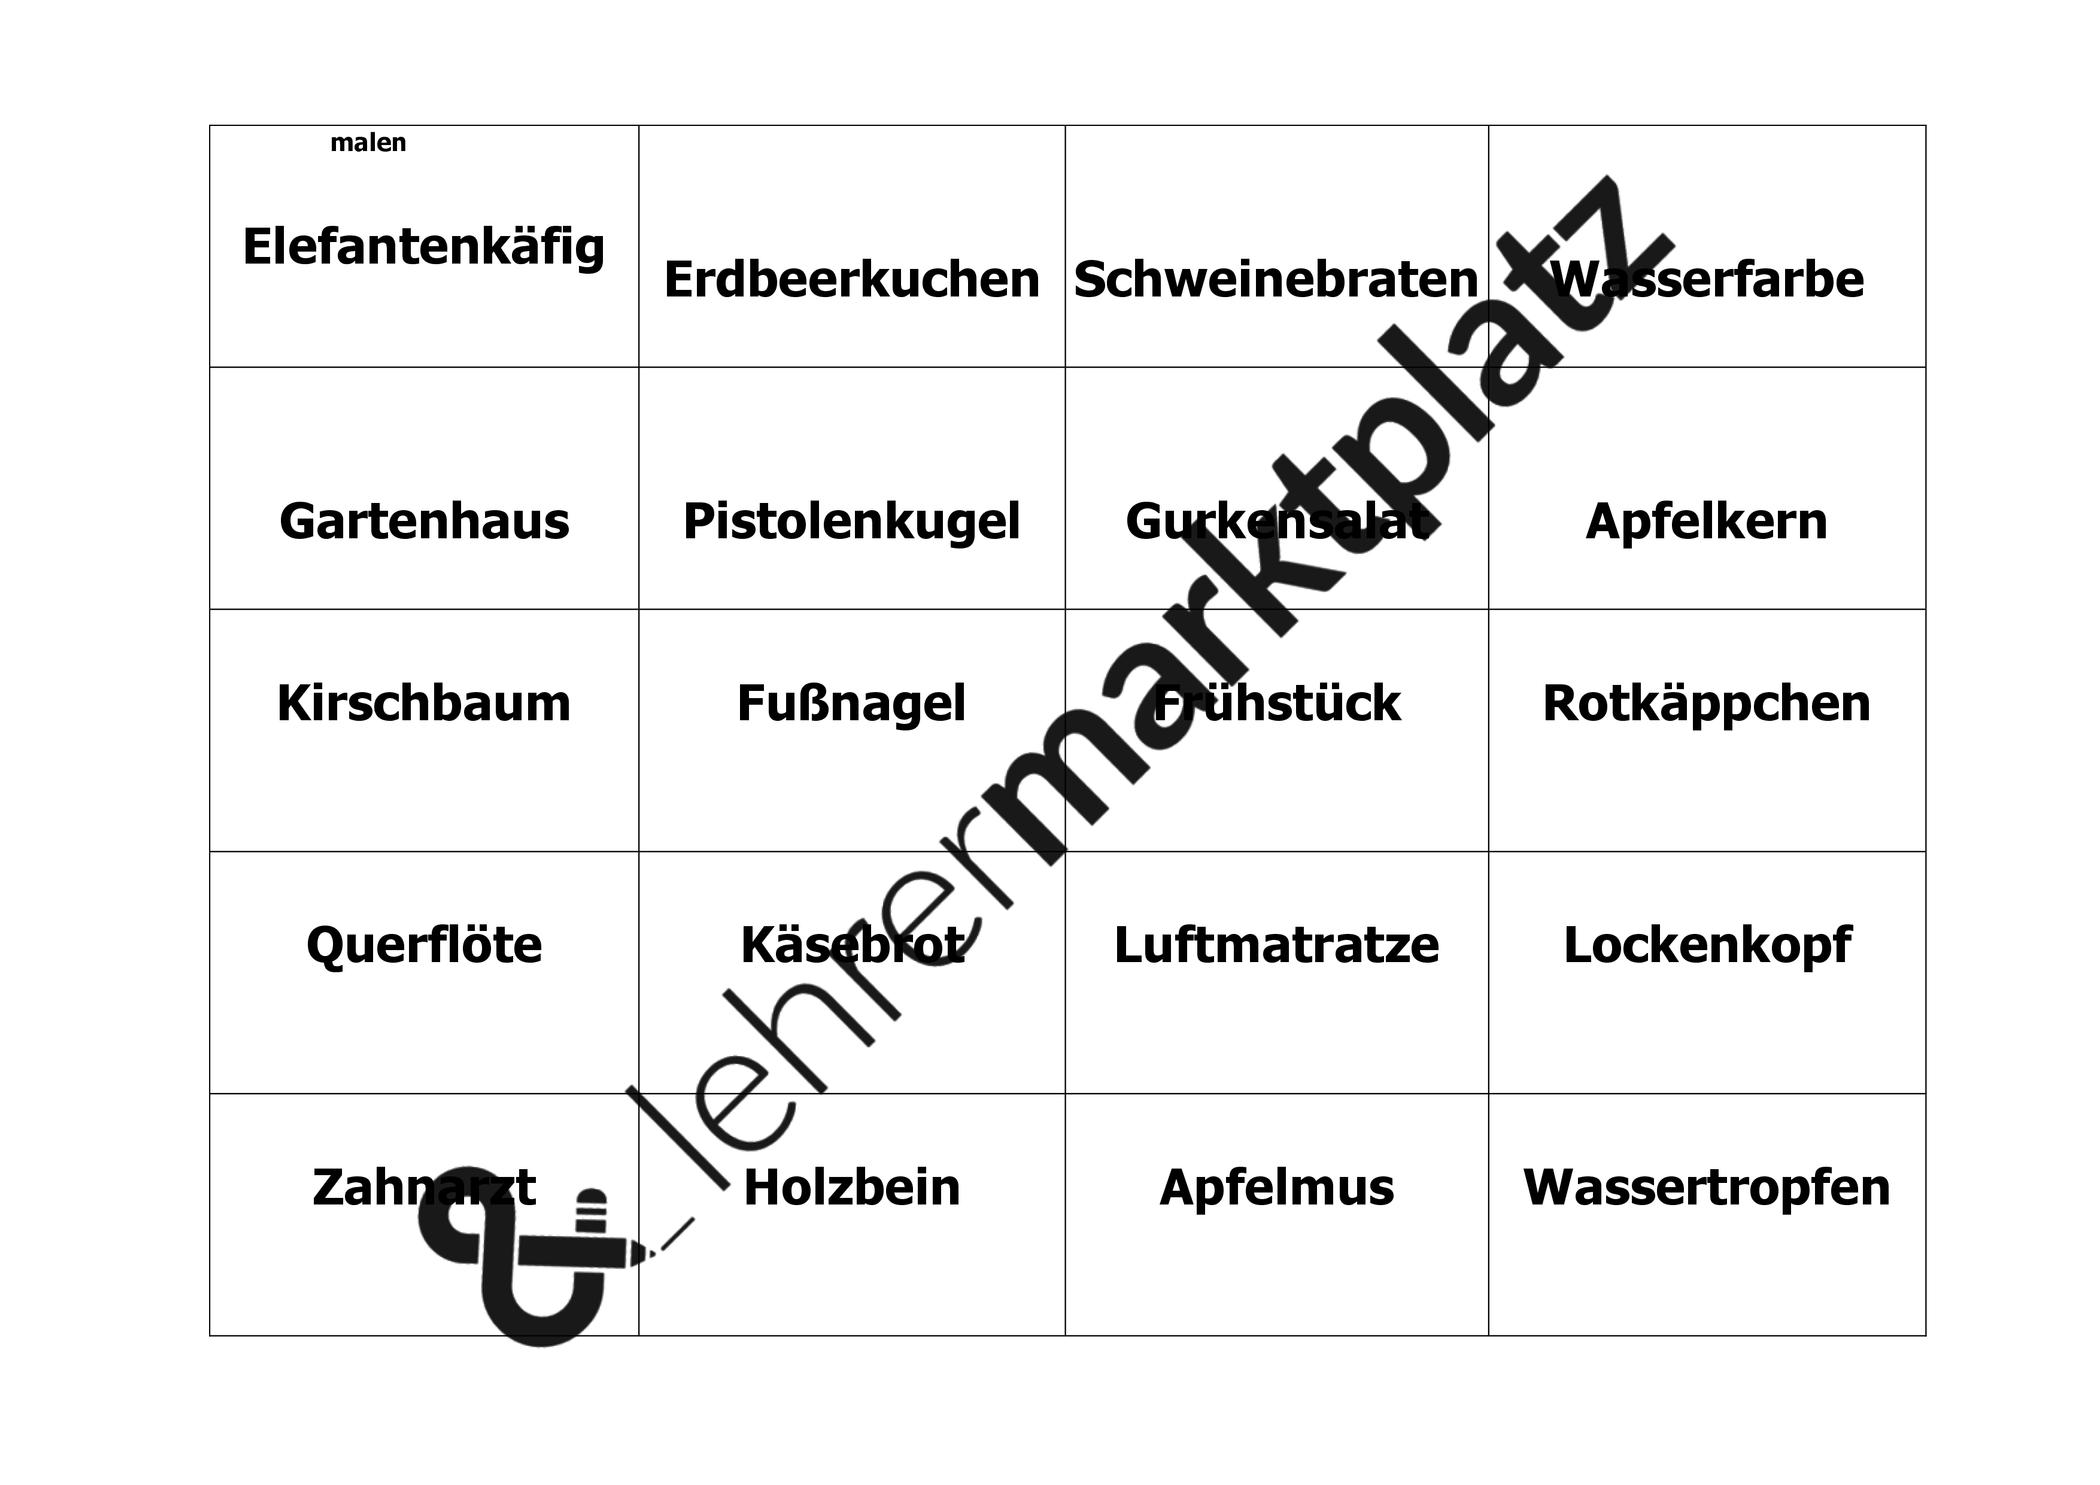 Activity Malen Erzählen Pantomime Unterrichtsmaterial In Den Fächern Daz Daf Deutsch Unterrichtsmaterial Pantomime Daf